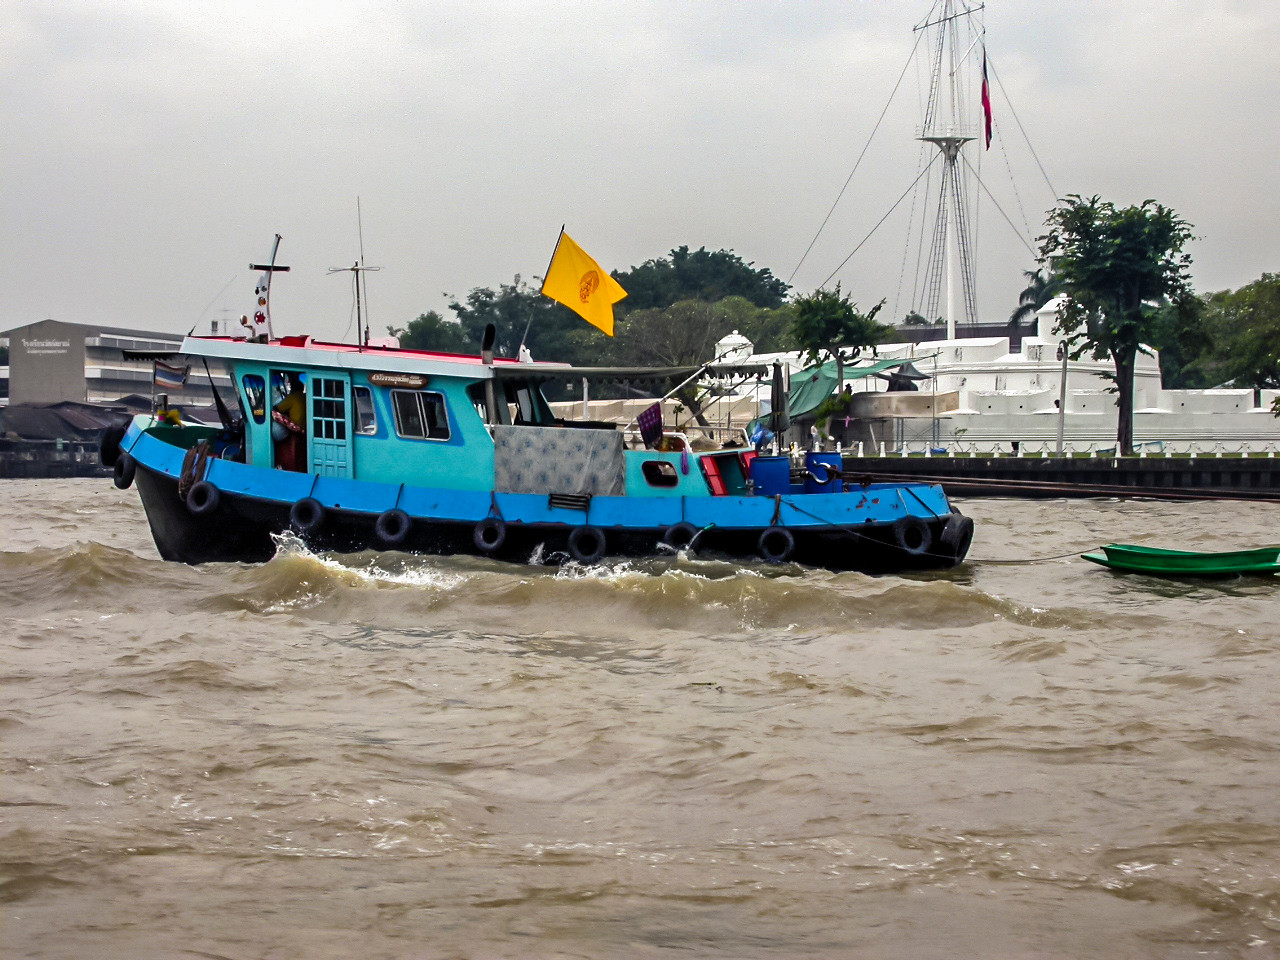 Chao Phraya River, Bangkok